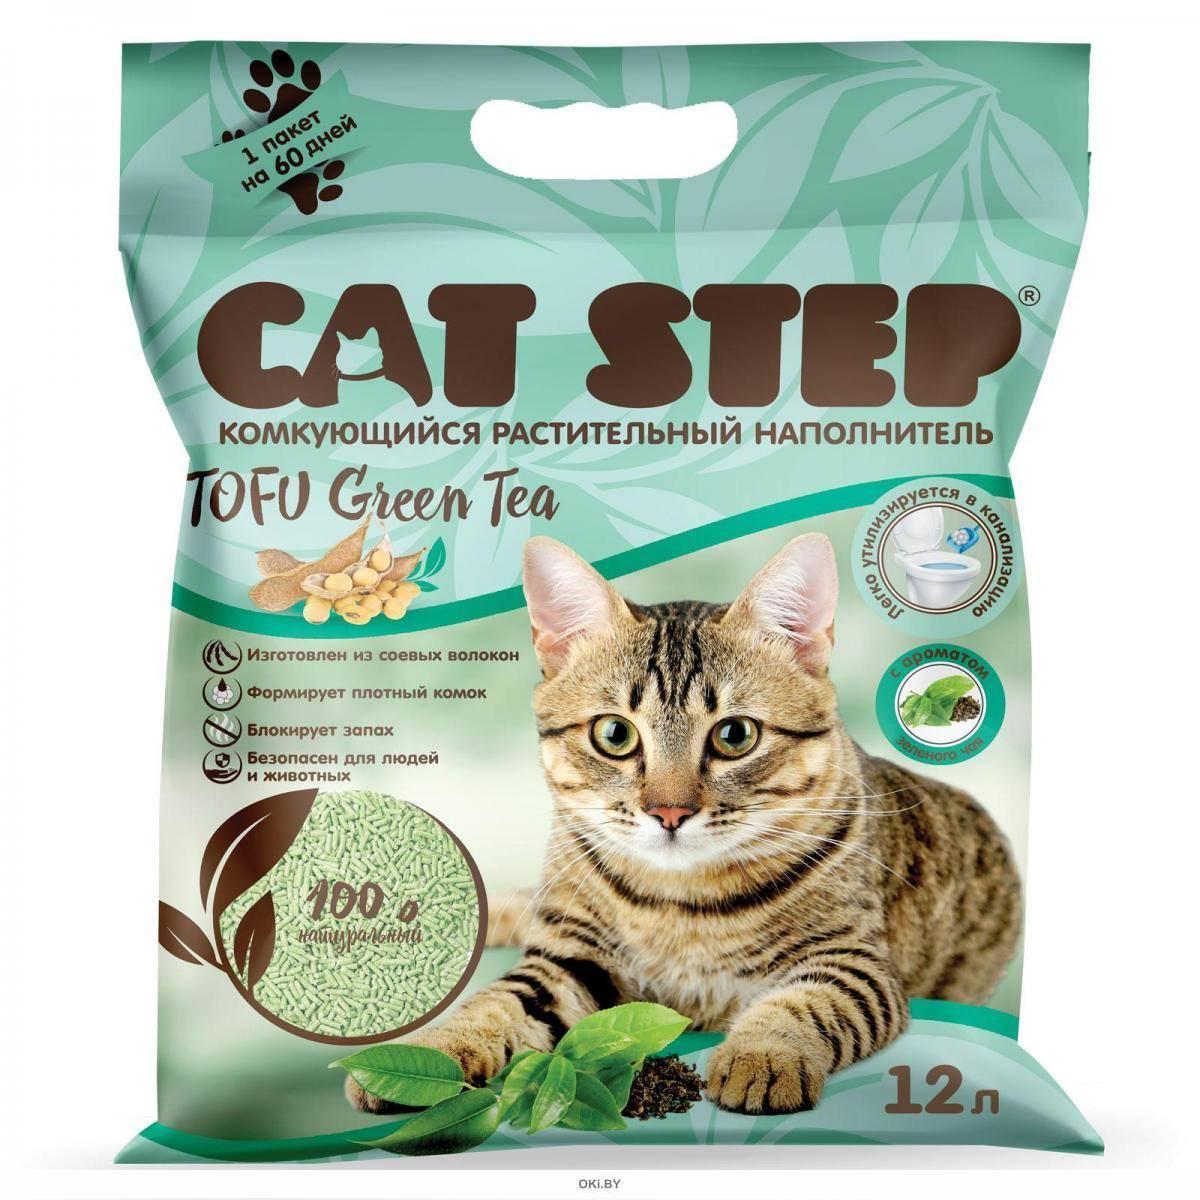 Подскажите, какой наполнитель лучше использовать для кошачьего туалета? дополнила